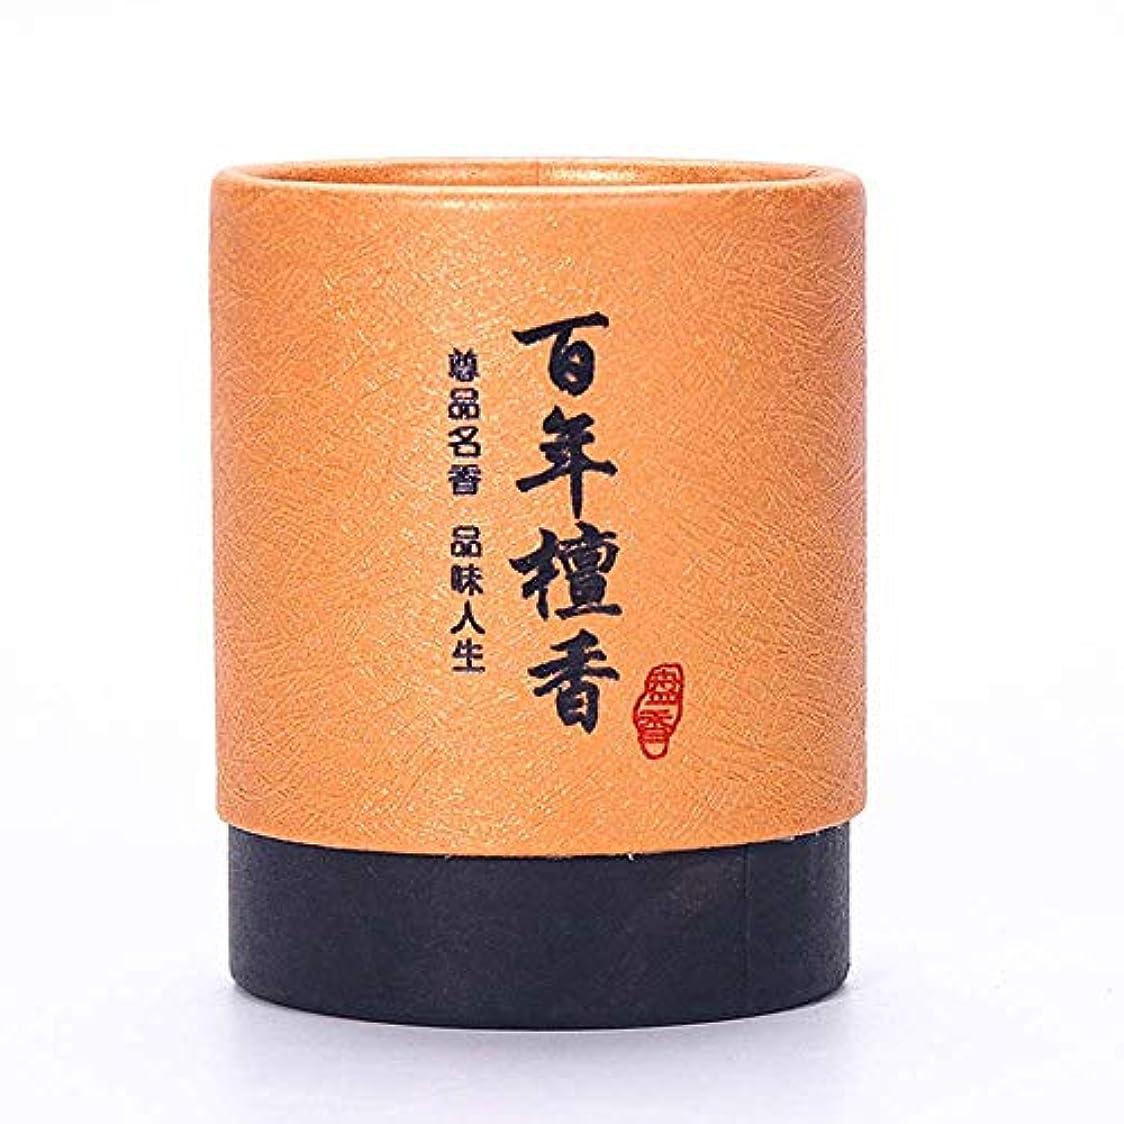 戦士本会議用心するHwaGui お香 2時間 盤香 渦巻き線香 優しい香り 48巻入 (百年檀香)